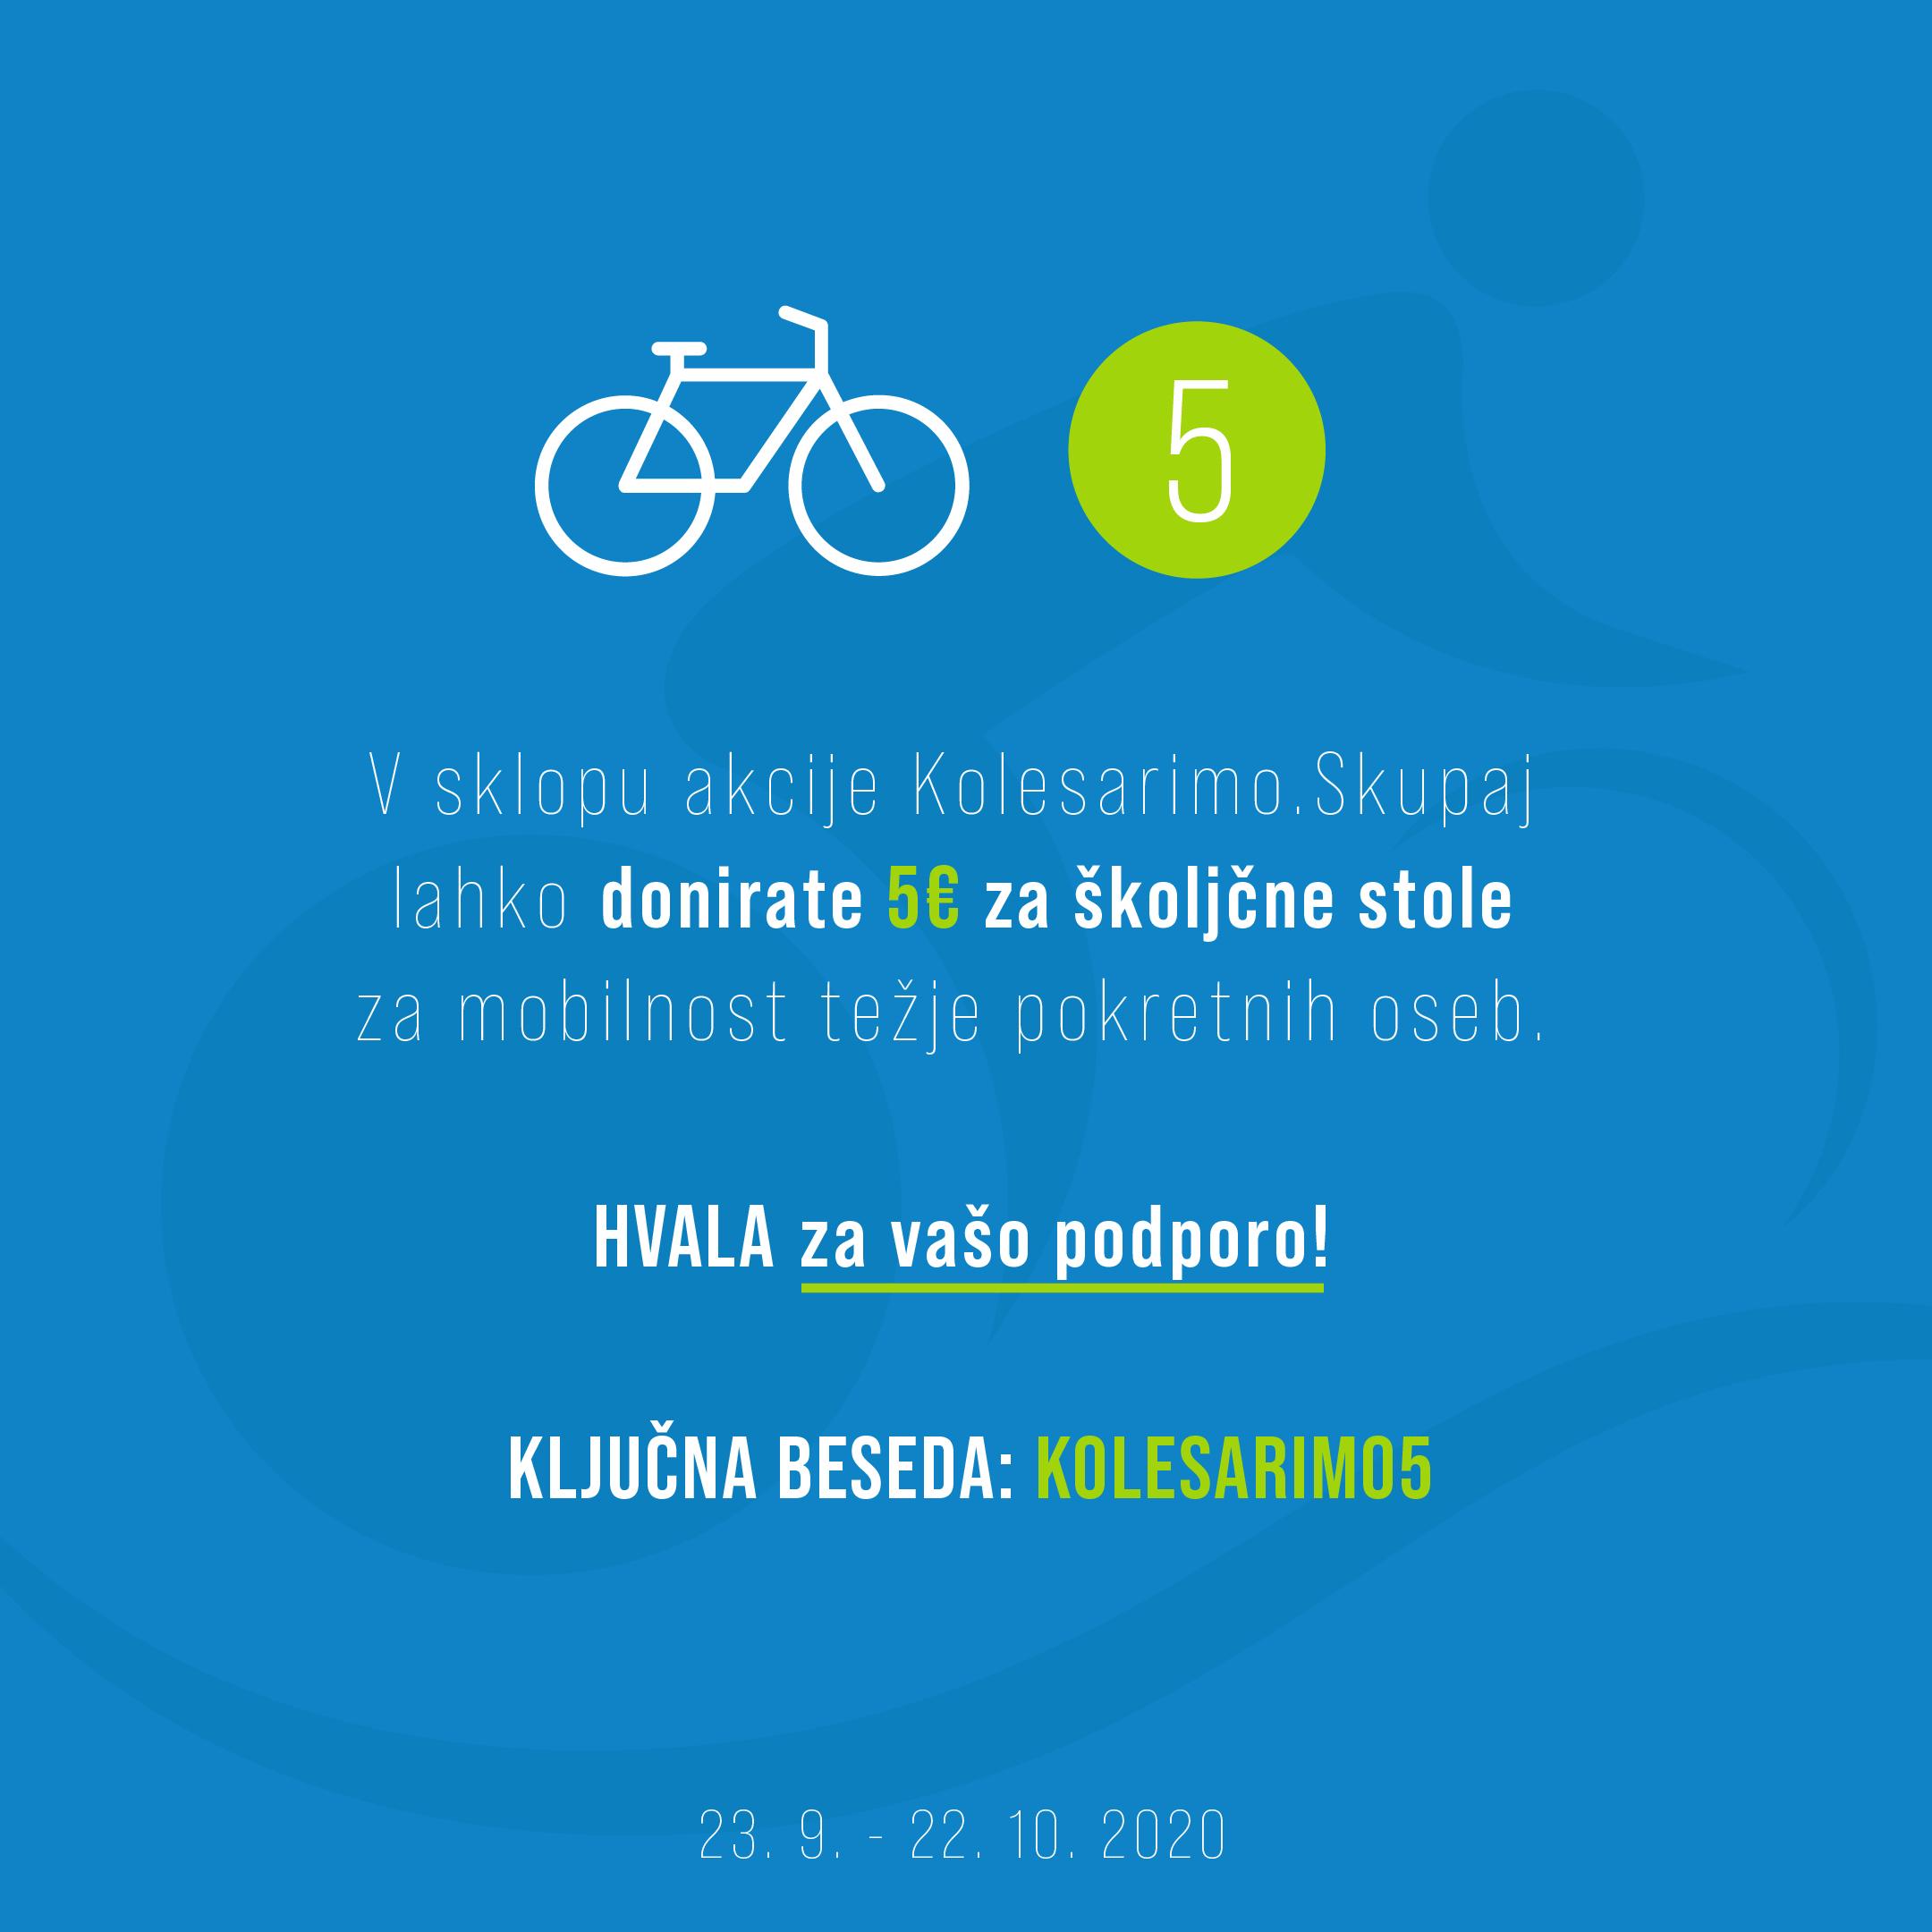 SMS donacije